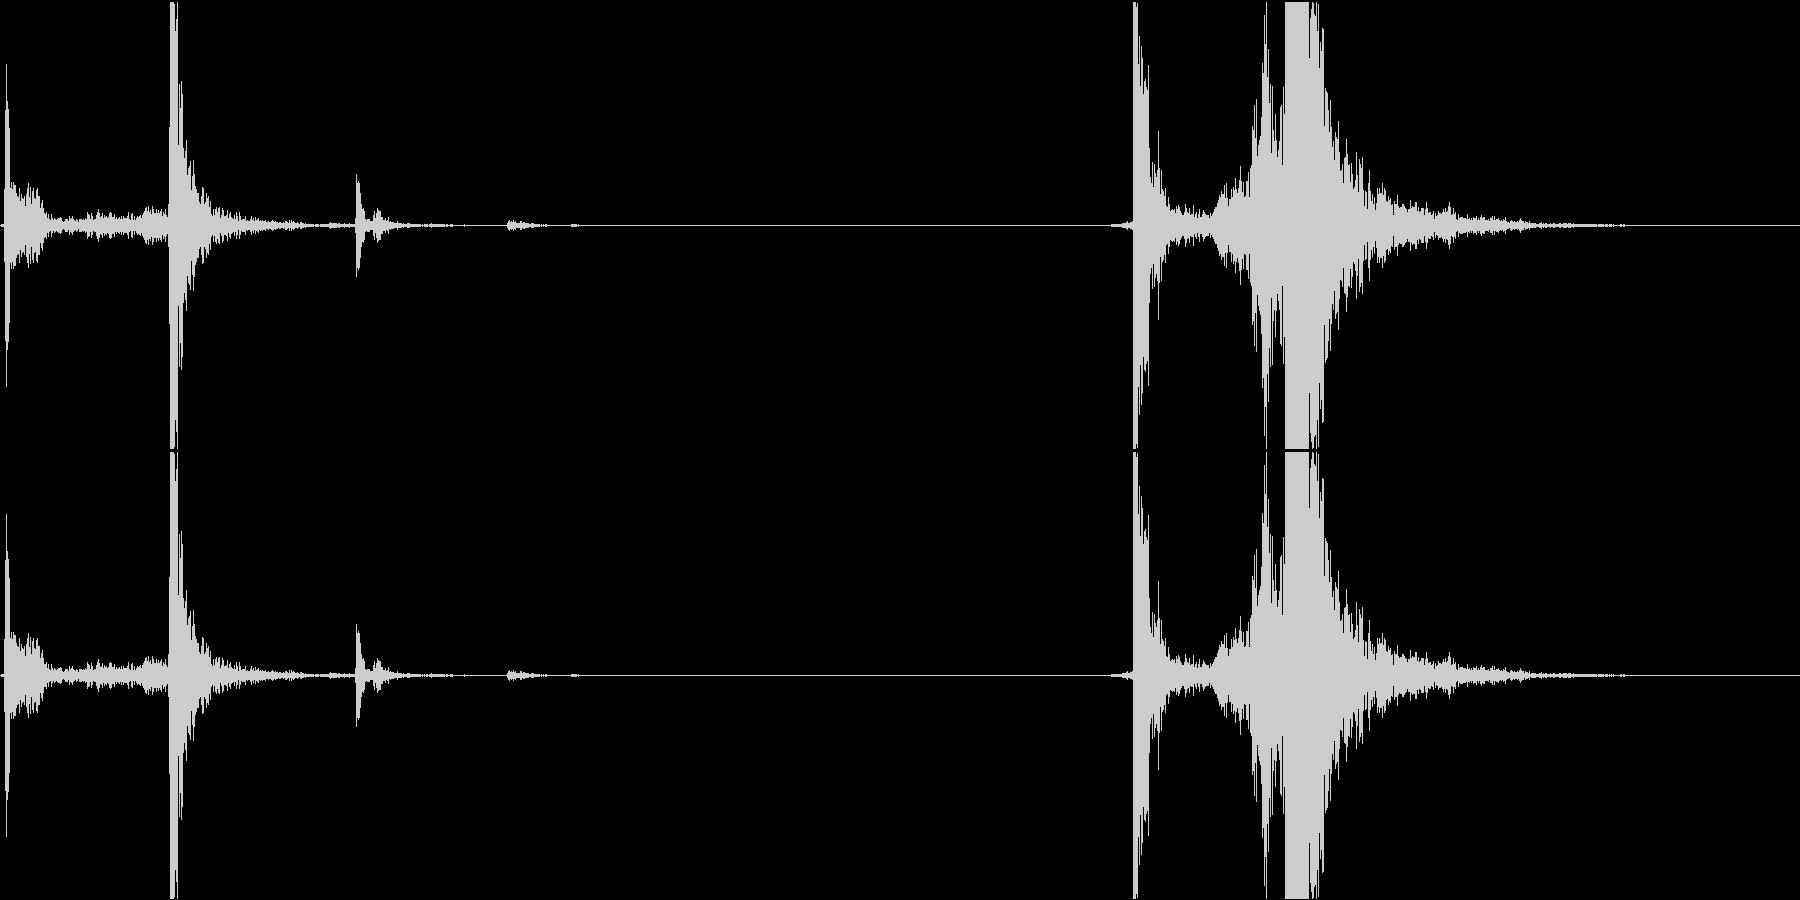 M-16:コックスライドマシンガン...の未再生の波形